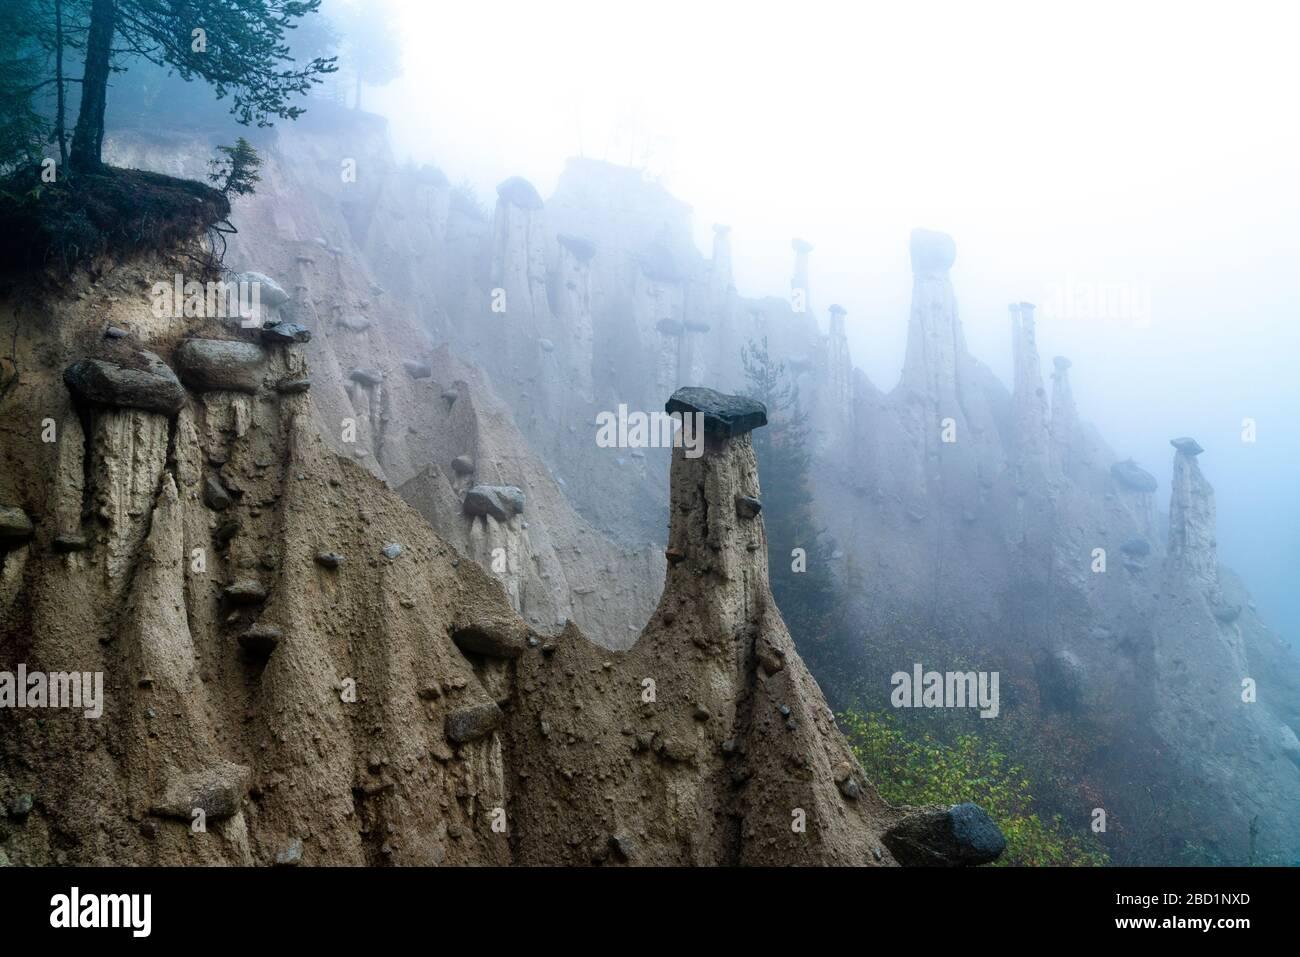 Nebbia sulle piramidi della Terra, Perca (Percha), provincia di Bolzano, Alto Adige, Italia, Europa Foto Stock